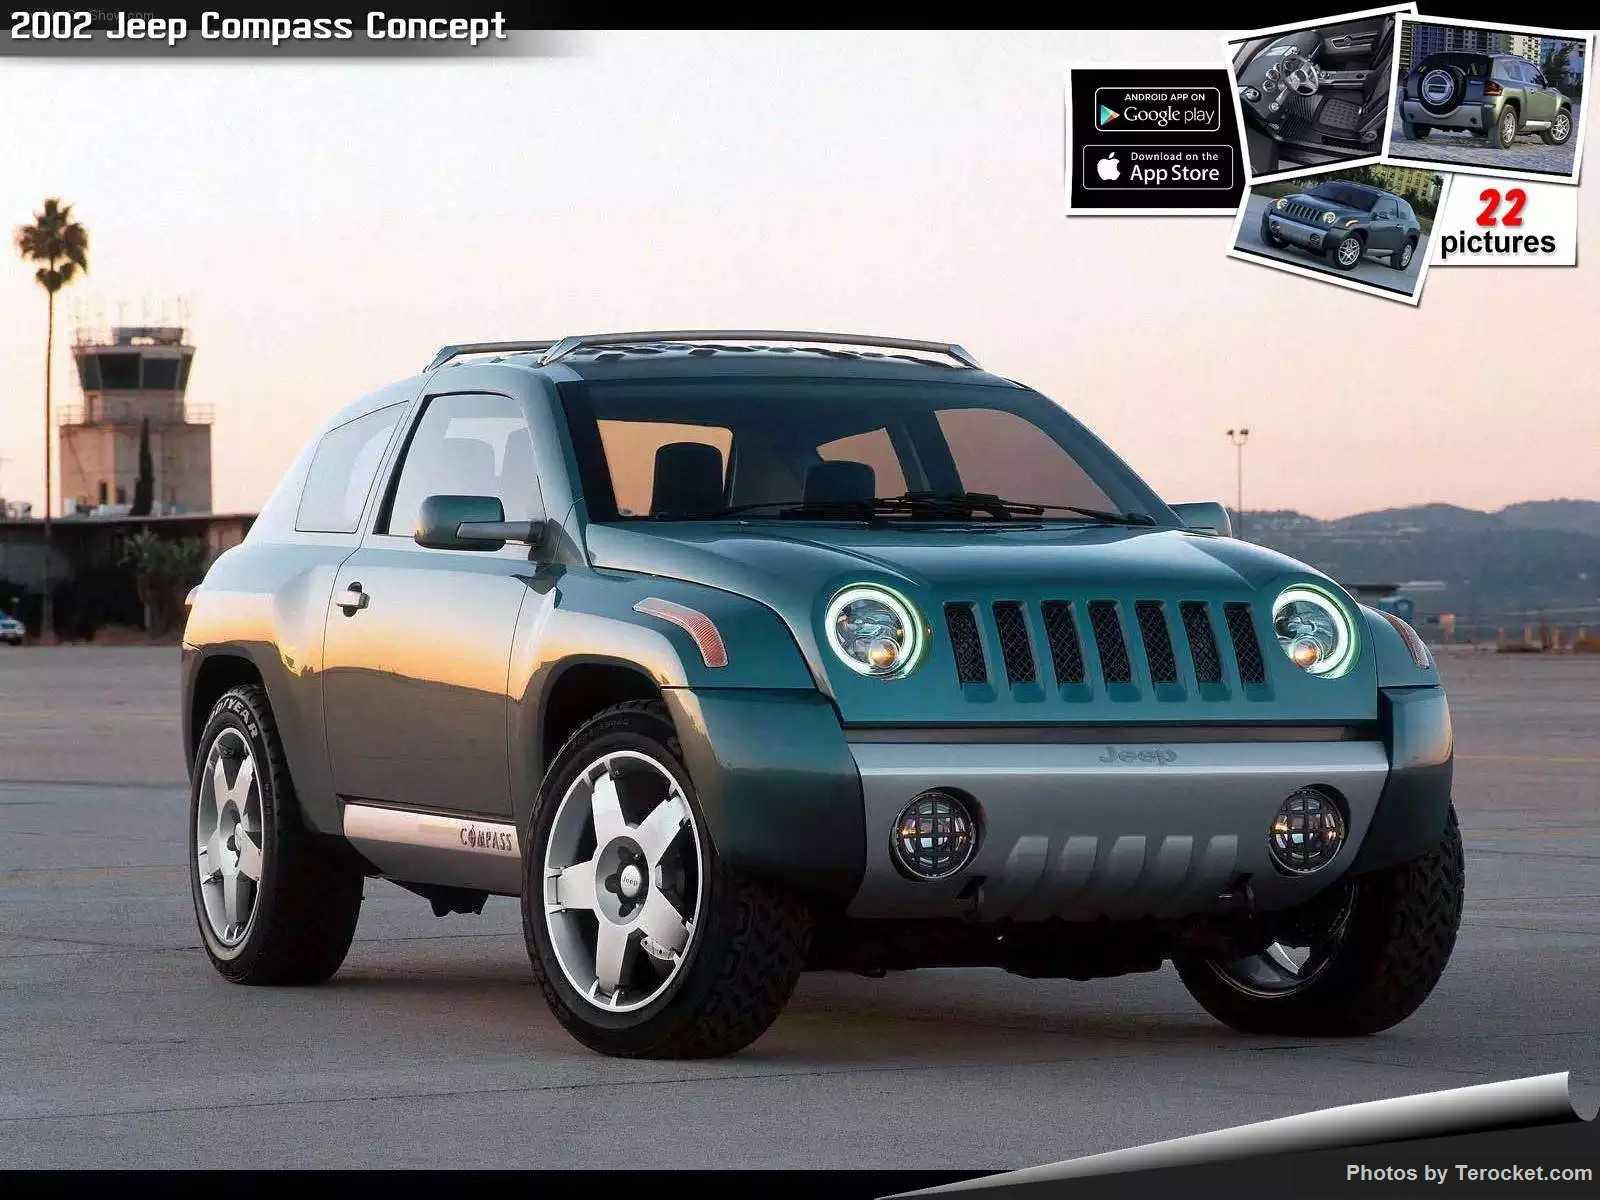 Hình ảnh xe ô tô Jeep Compass Concept 2002 & nội ngoại thất